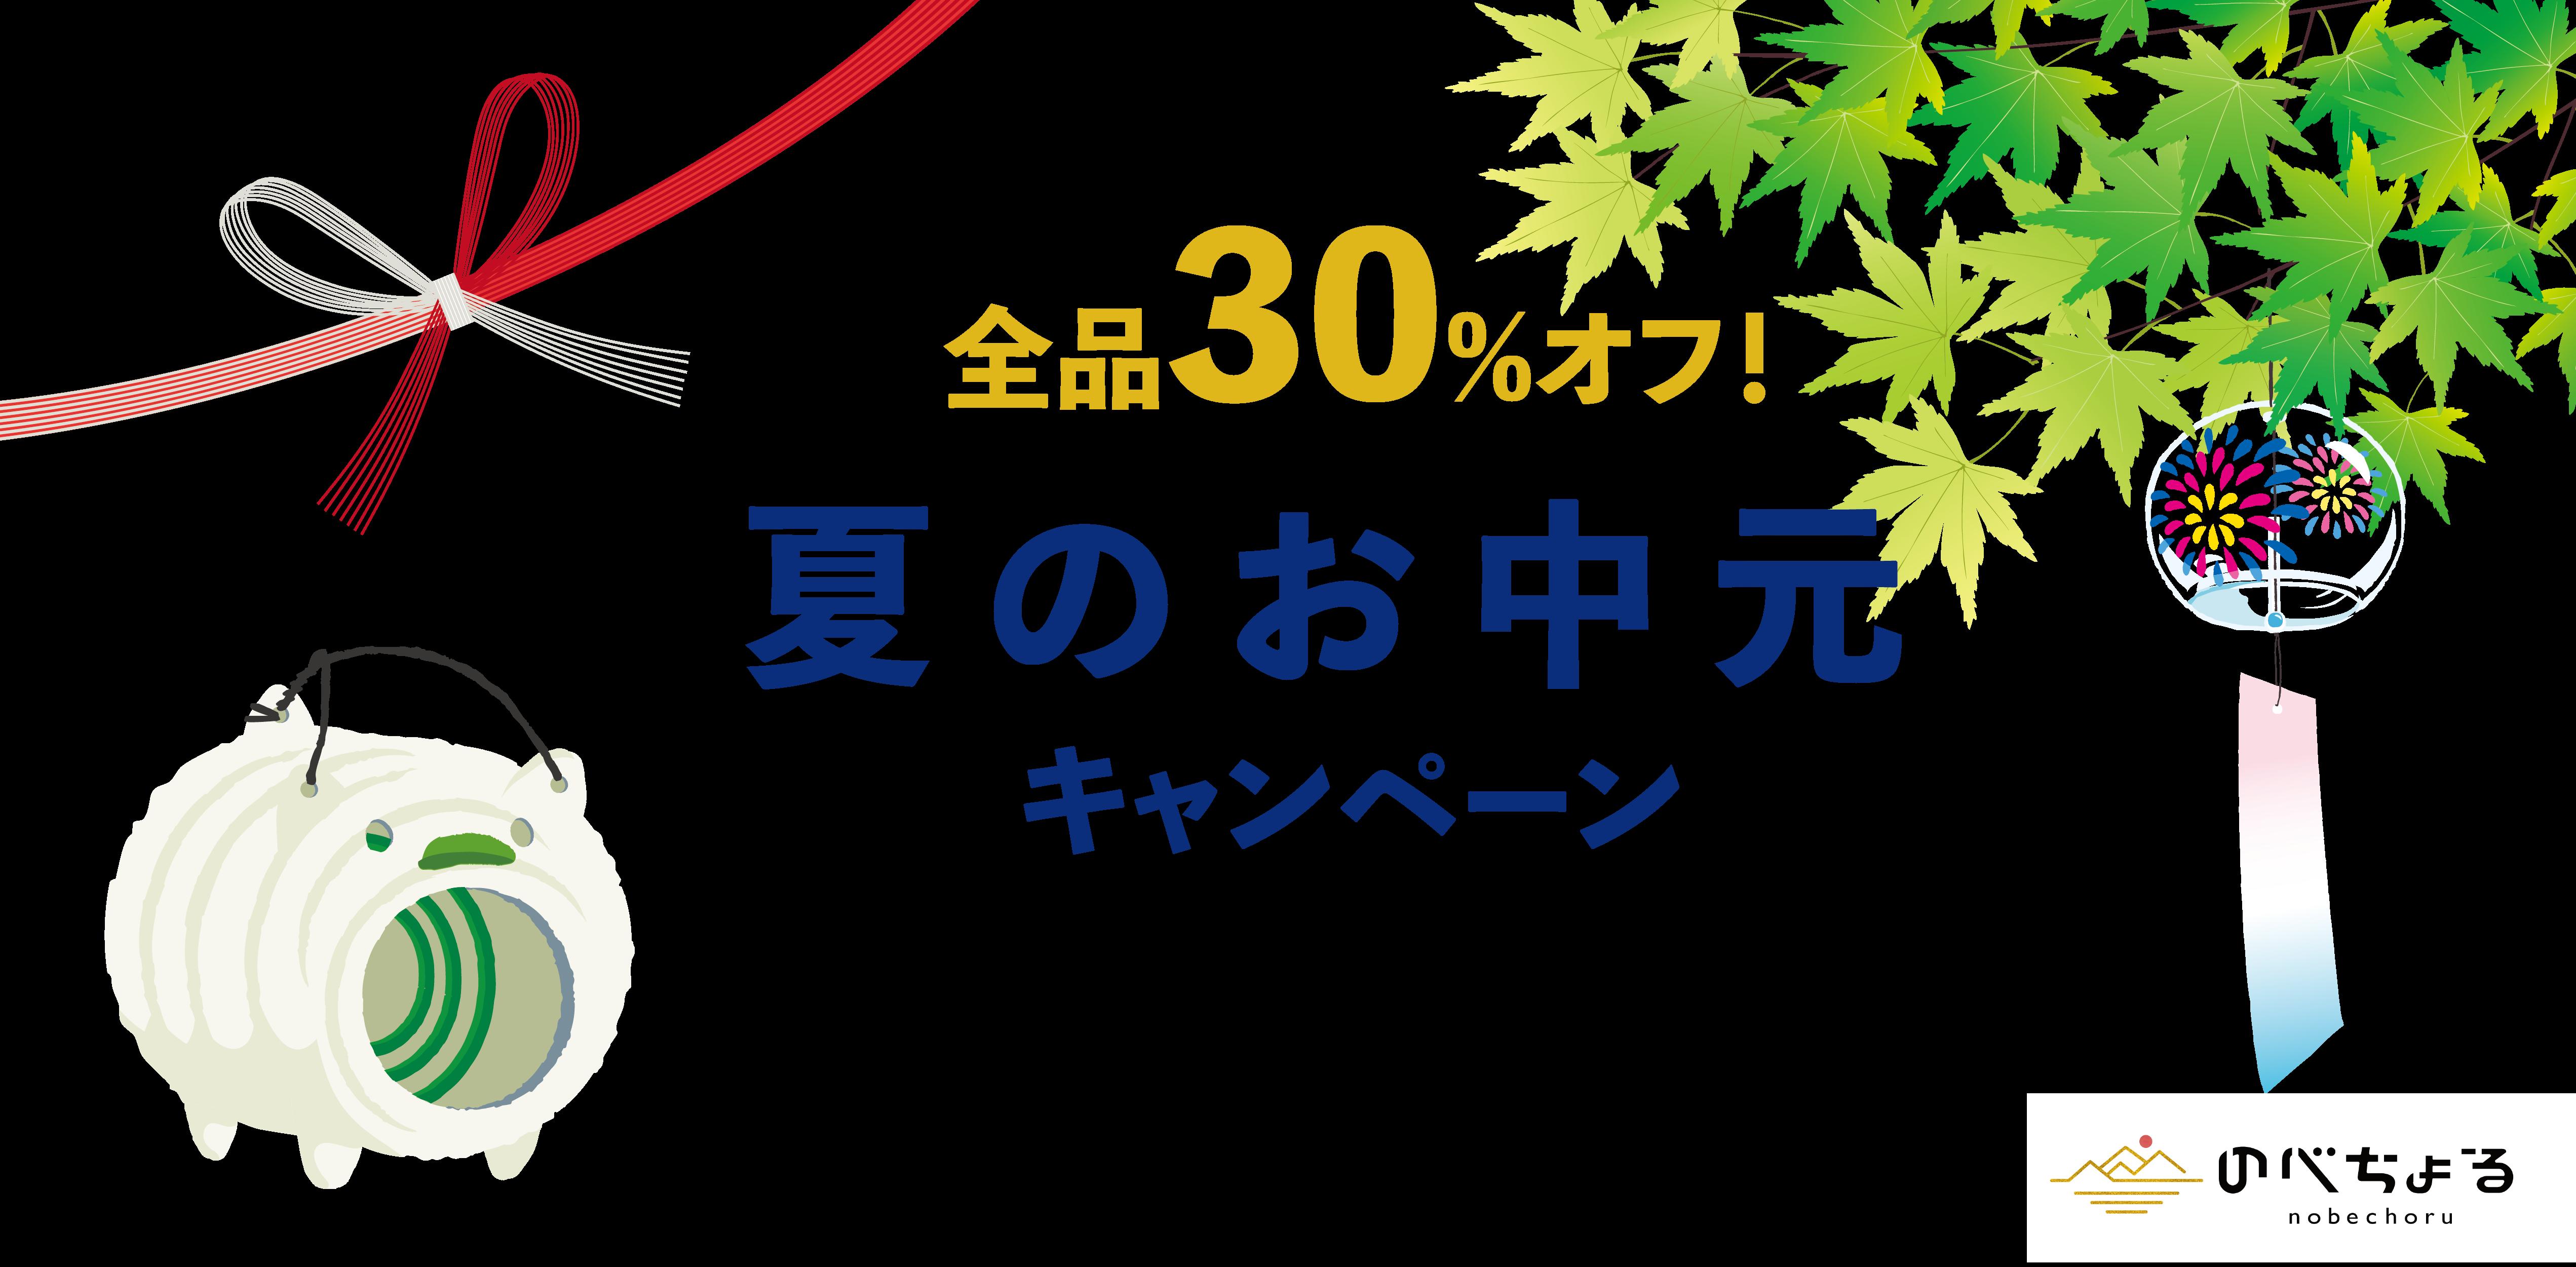 全品30%オフ!お中元キャンペーン開始のお知らせ